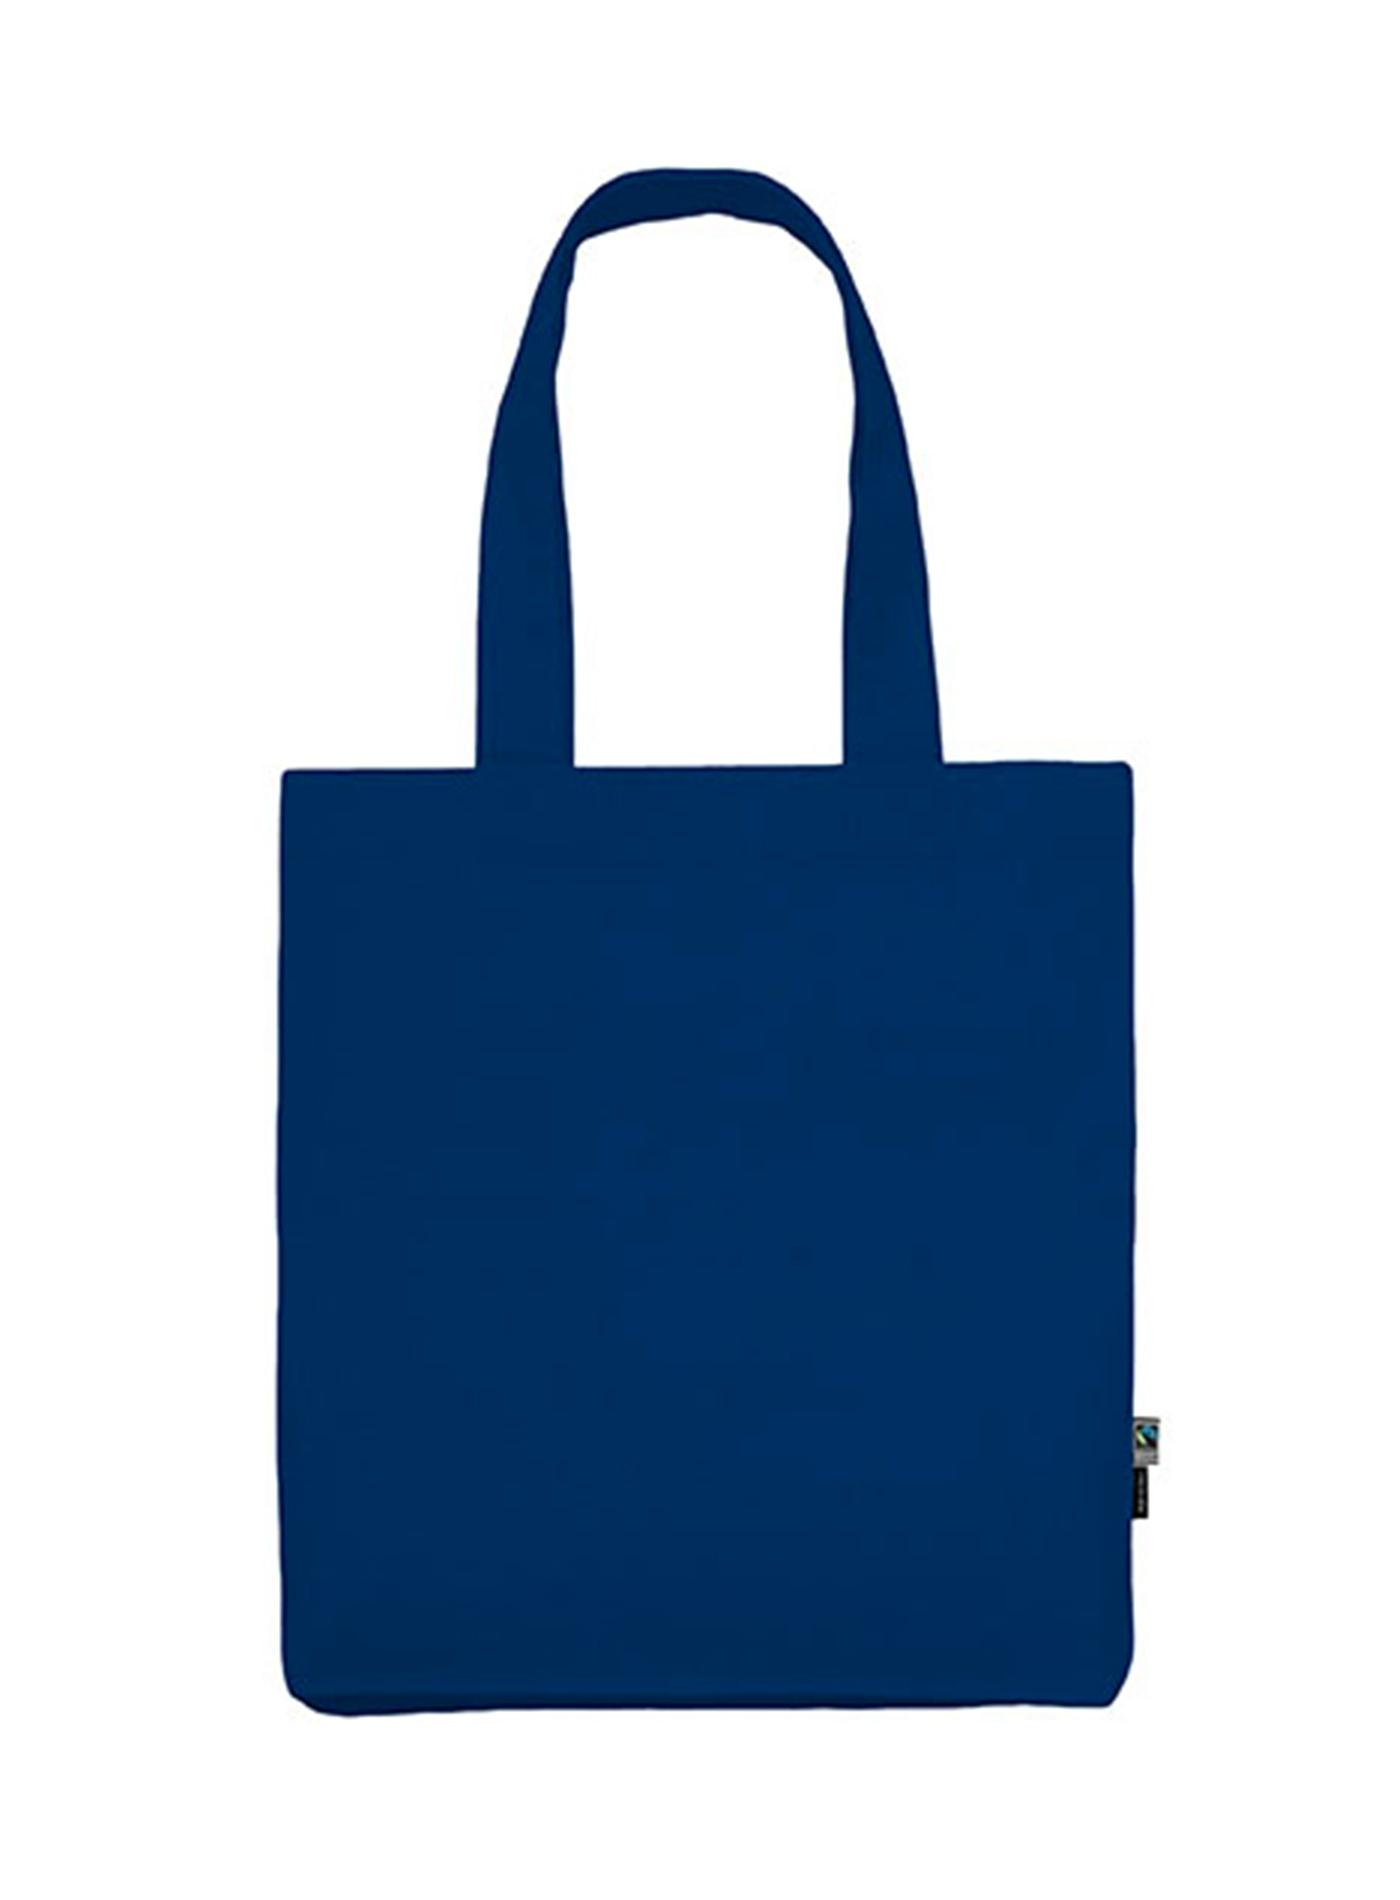 Plátěná taška Neutral - Královská modrá univerzal